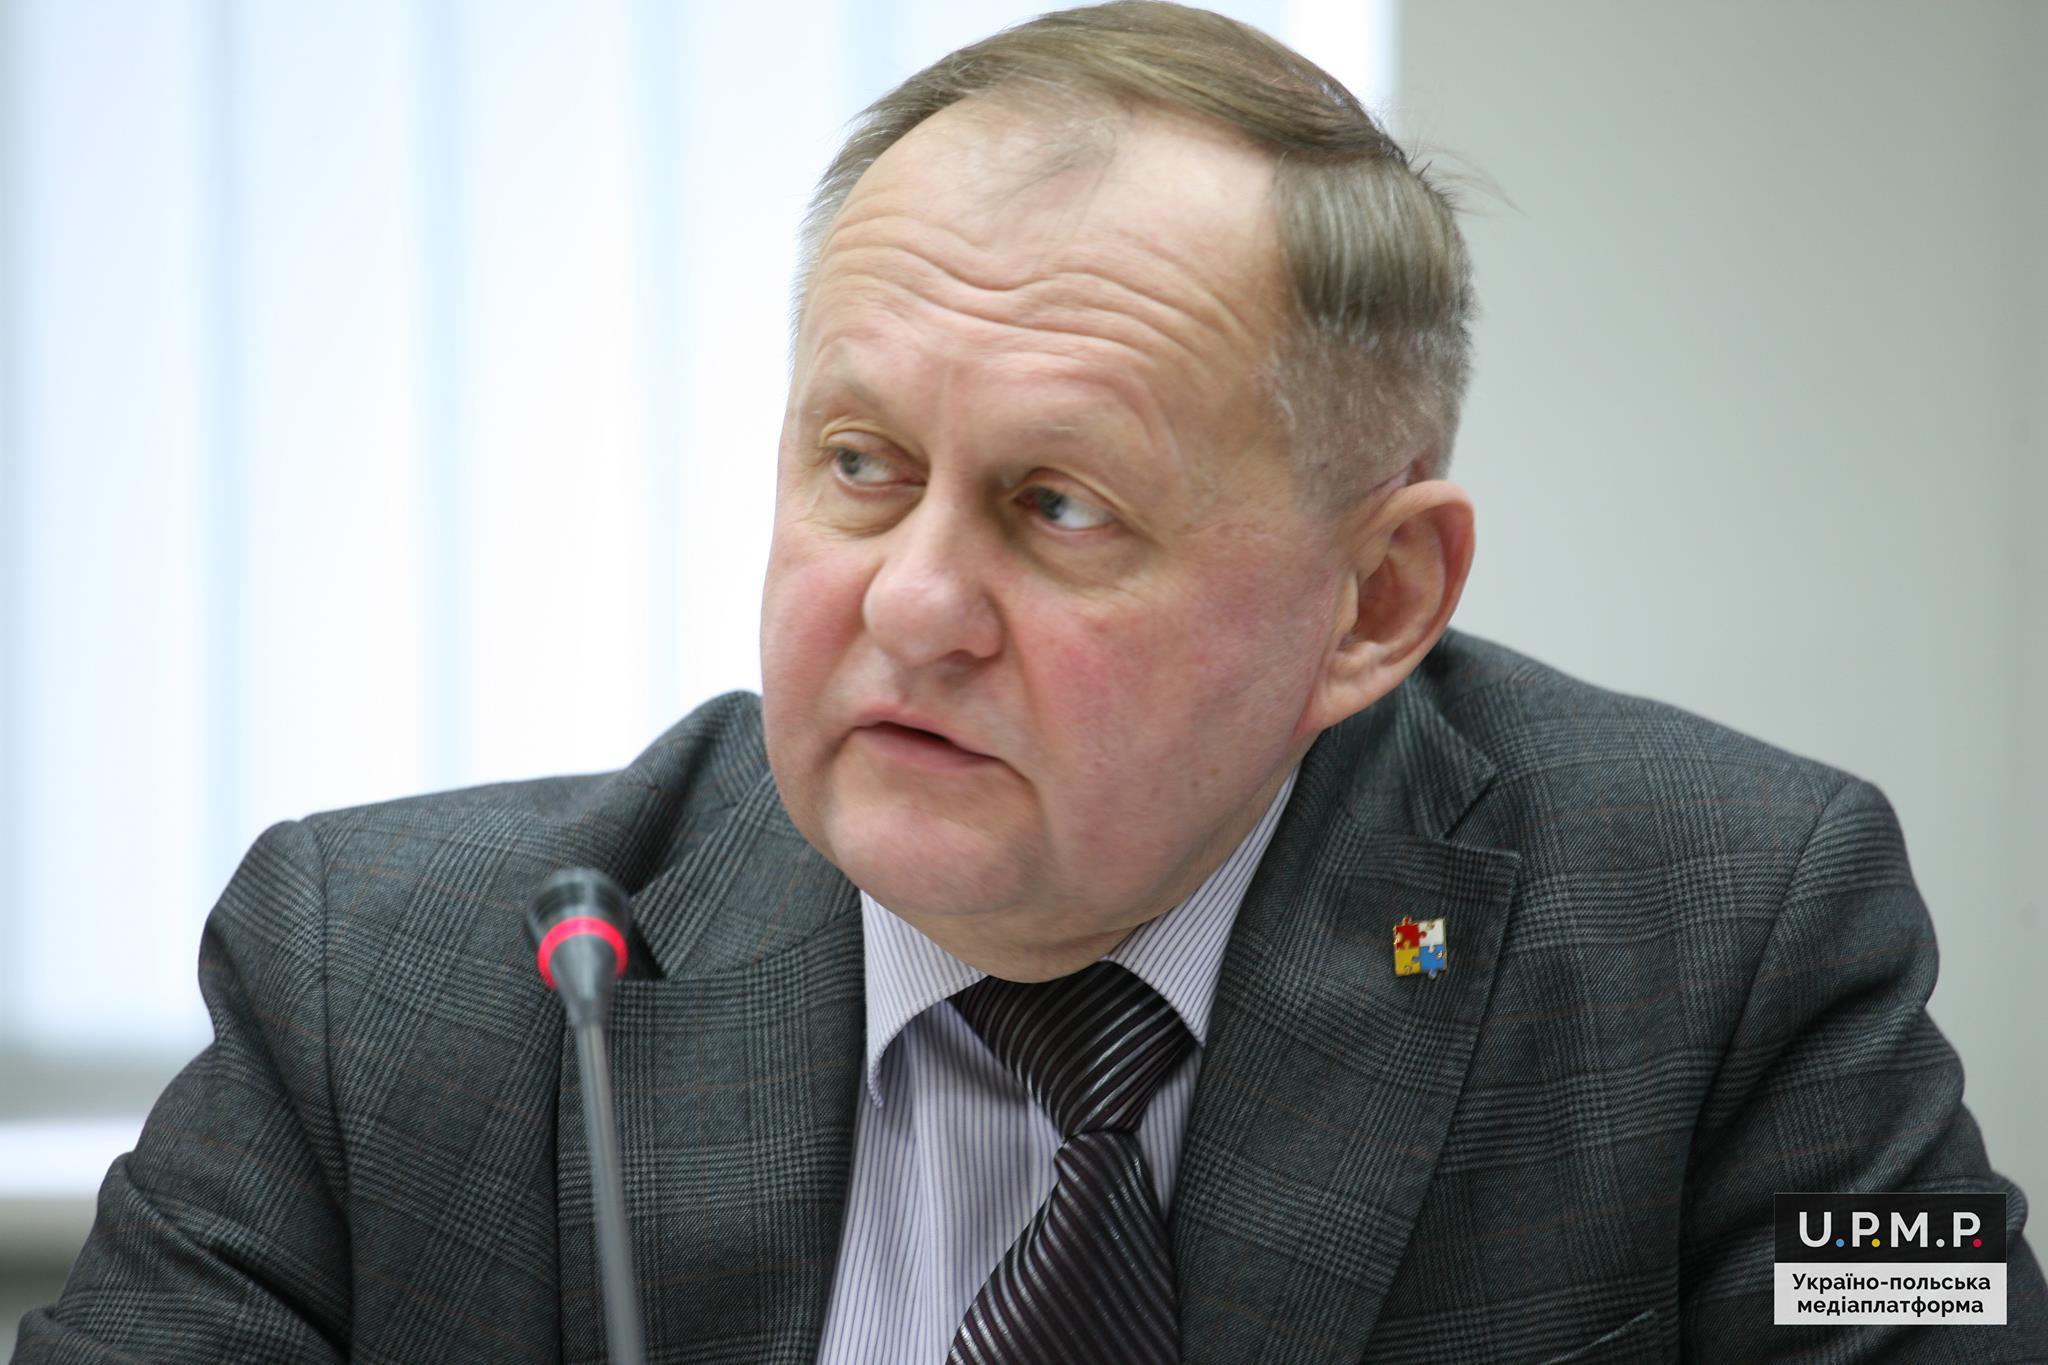 «ВІЙНИ І МИР, або «Українці – поляки: брати/вороги,сусіди»